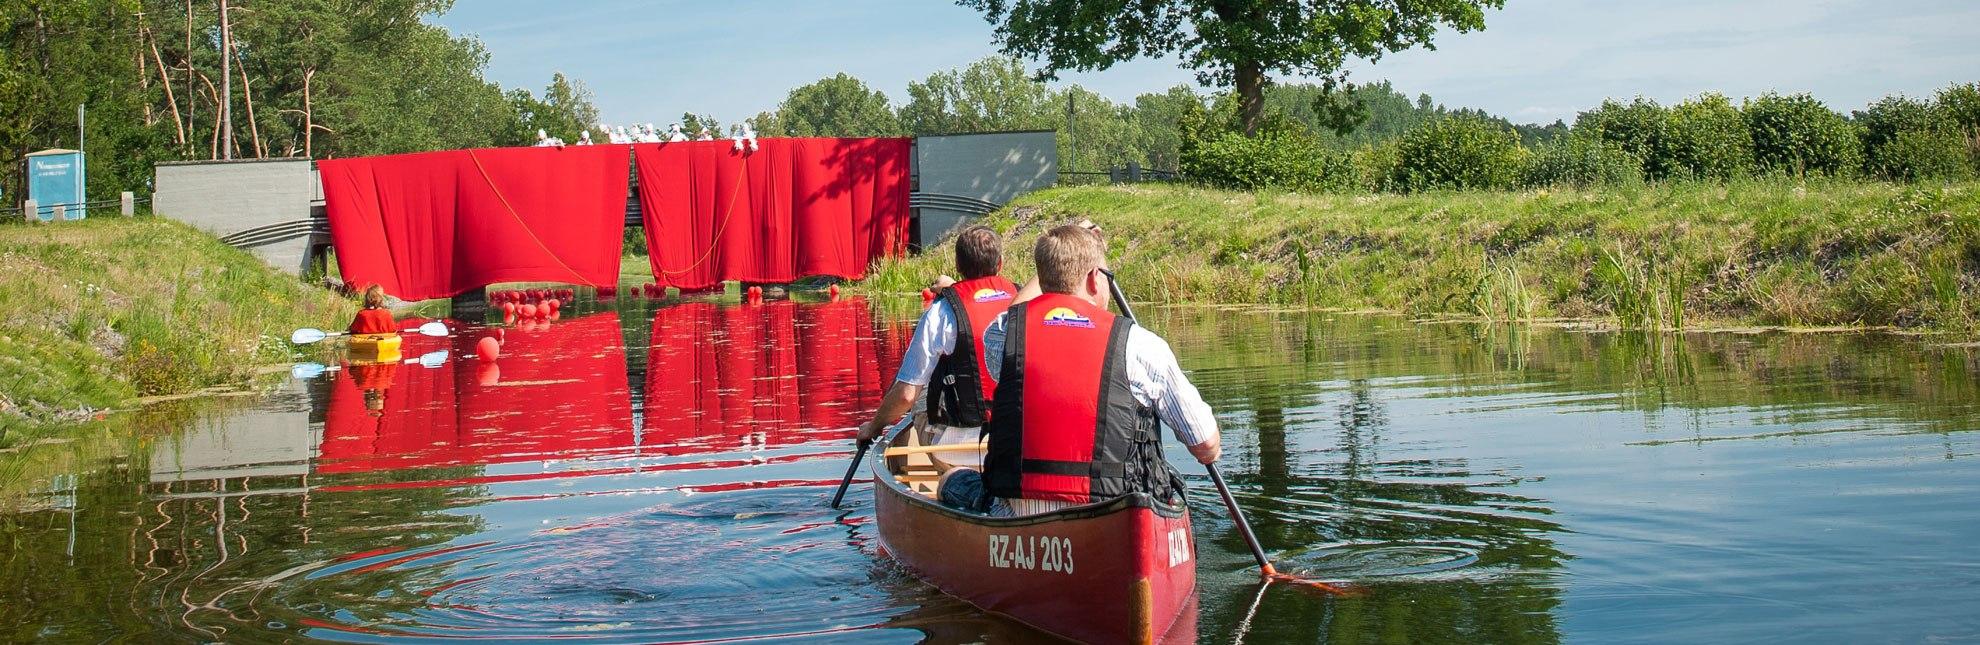 Auch beim Kanuwandertheater des Kultursommers am Kanal wird der Vorhang geöffnet., © Nicole Franke / HLMS GmbH